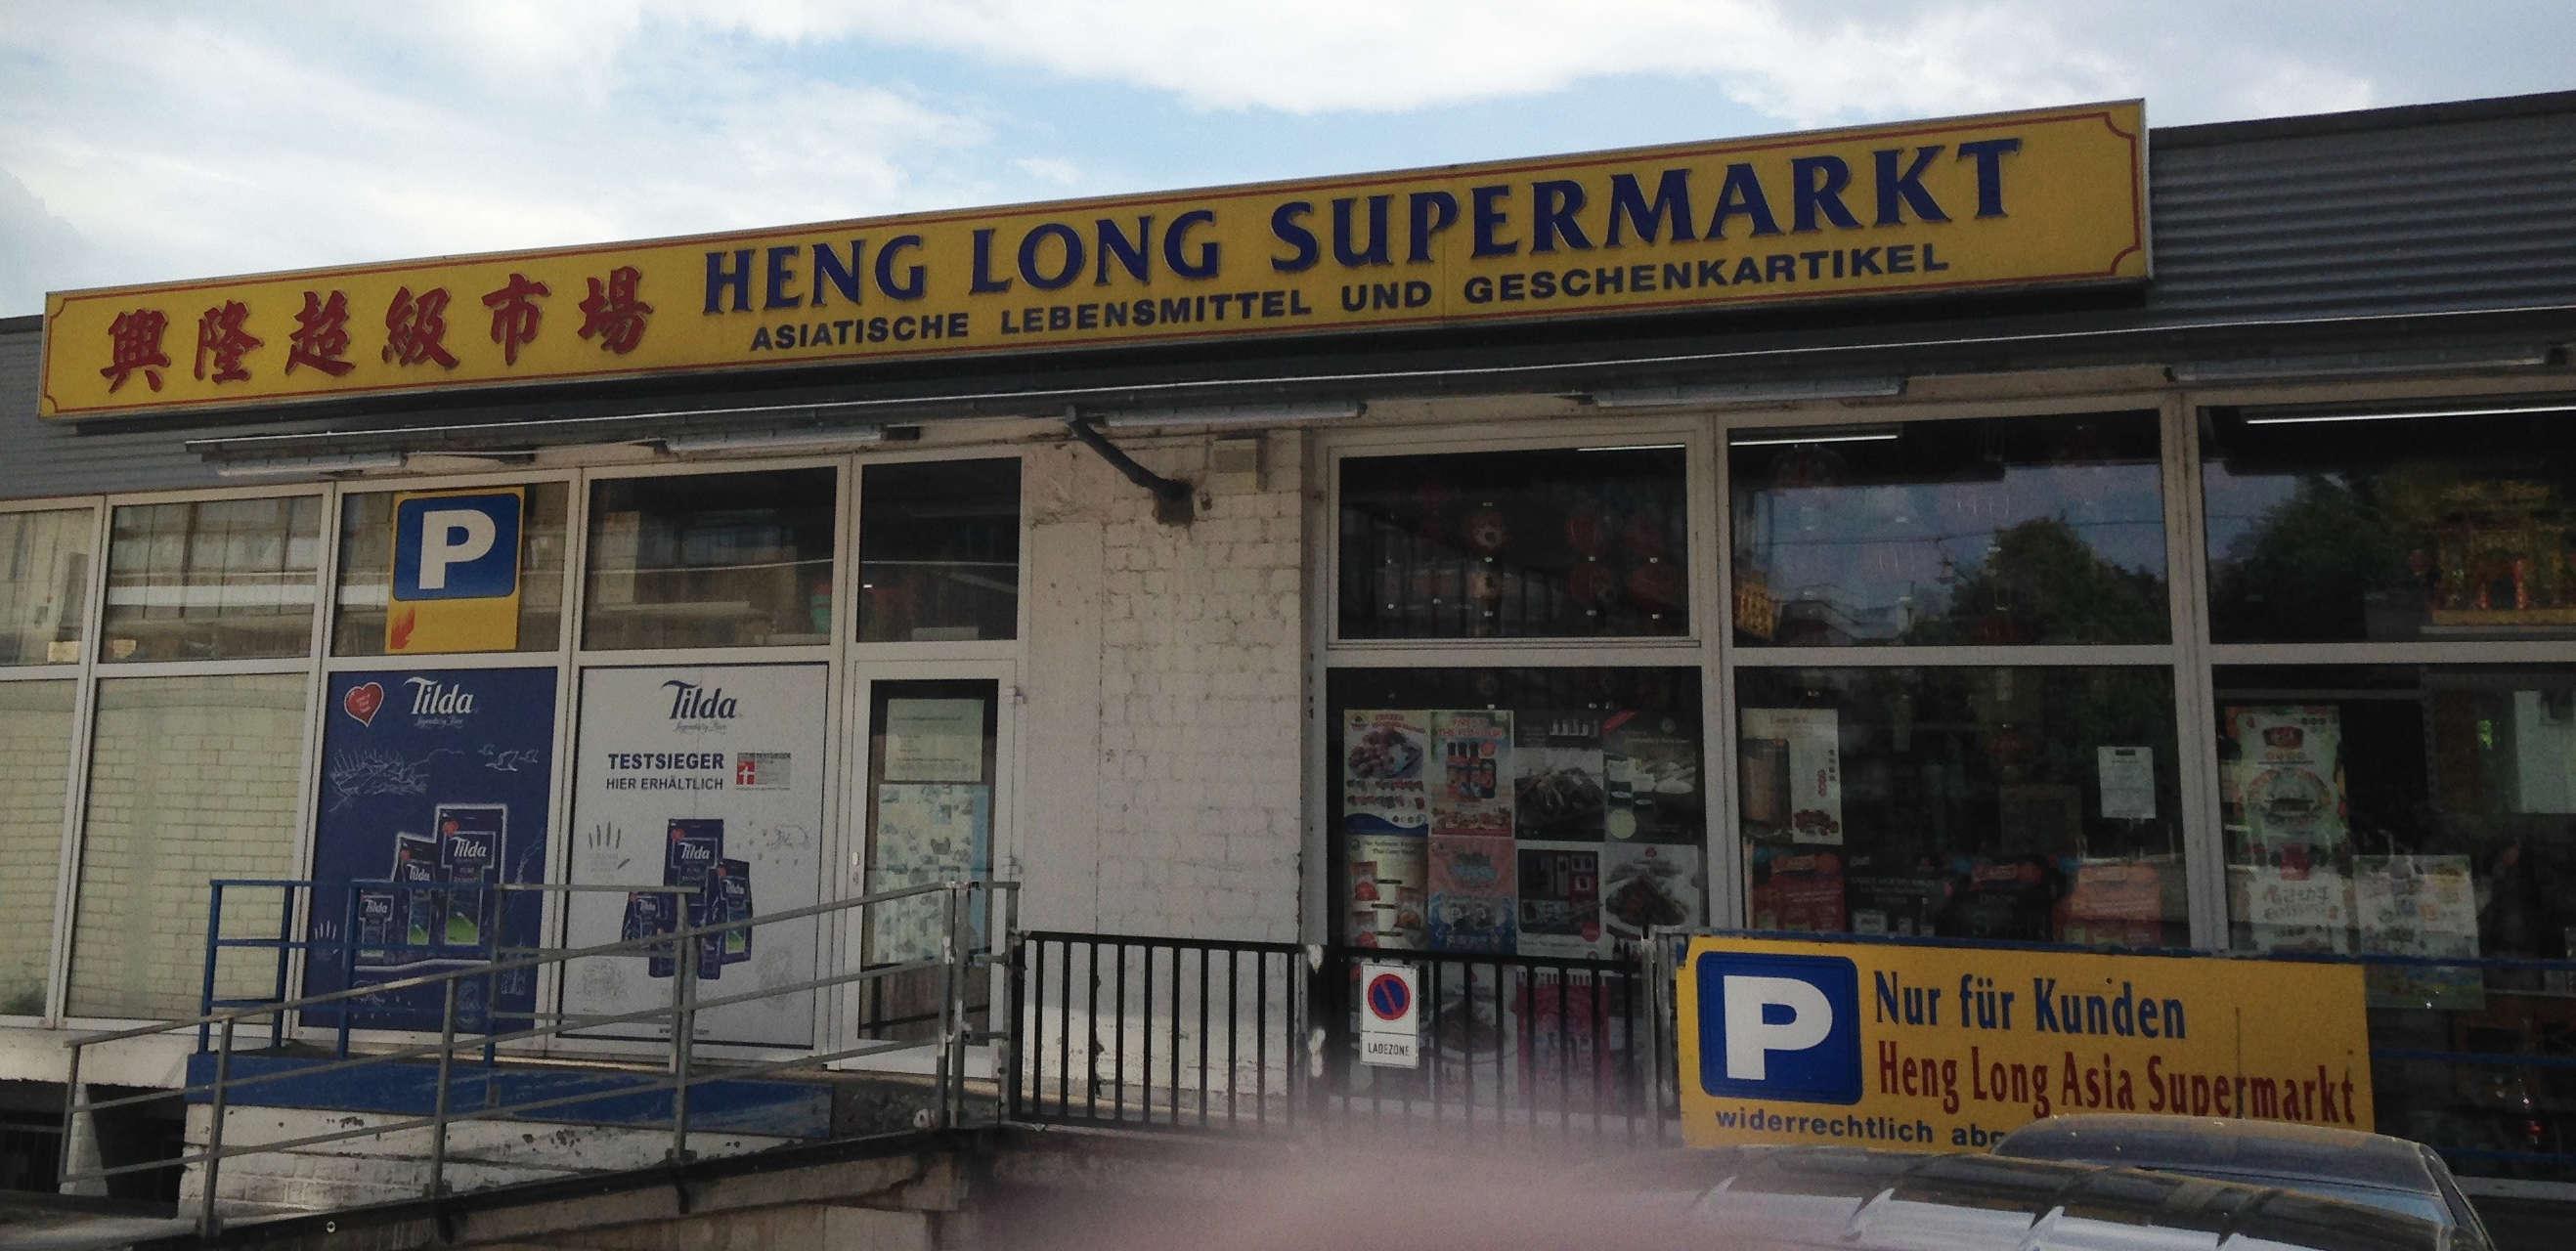 Heng Long Supermarkt